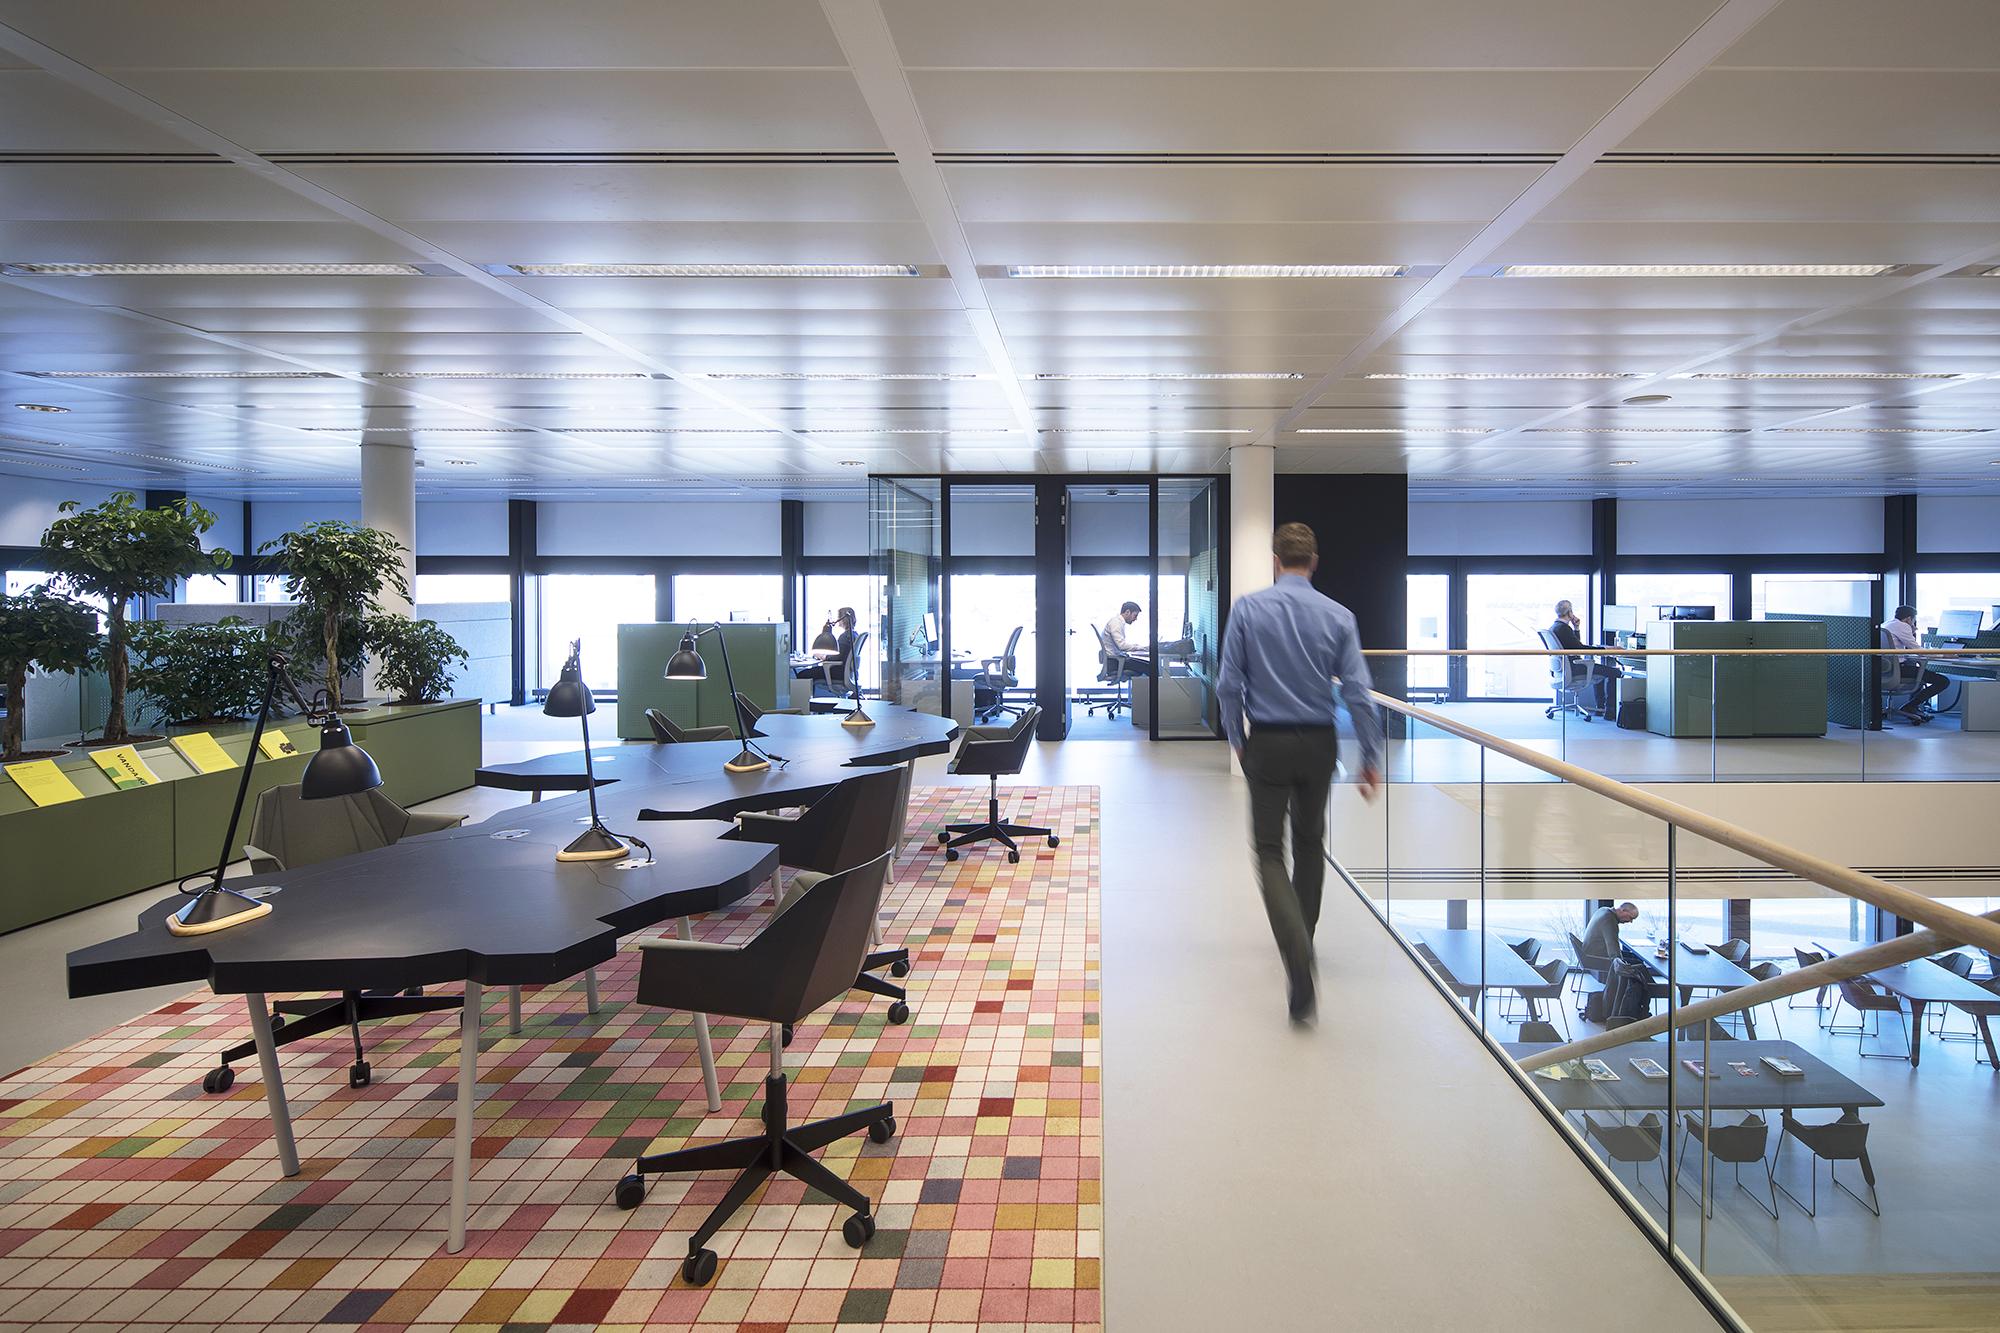 <p>3dimensionaal kantoor met aanlandtafel werkplekken en zicht op LIOFcafe</p>